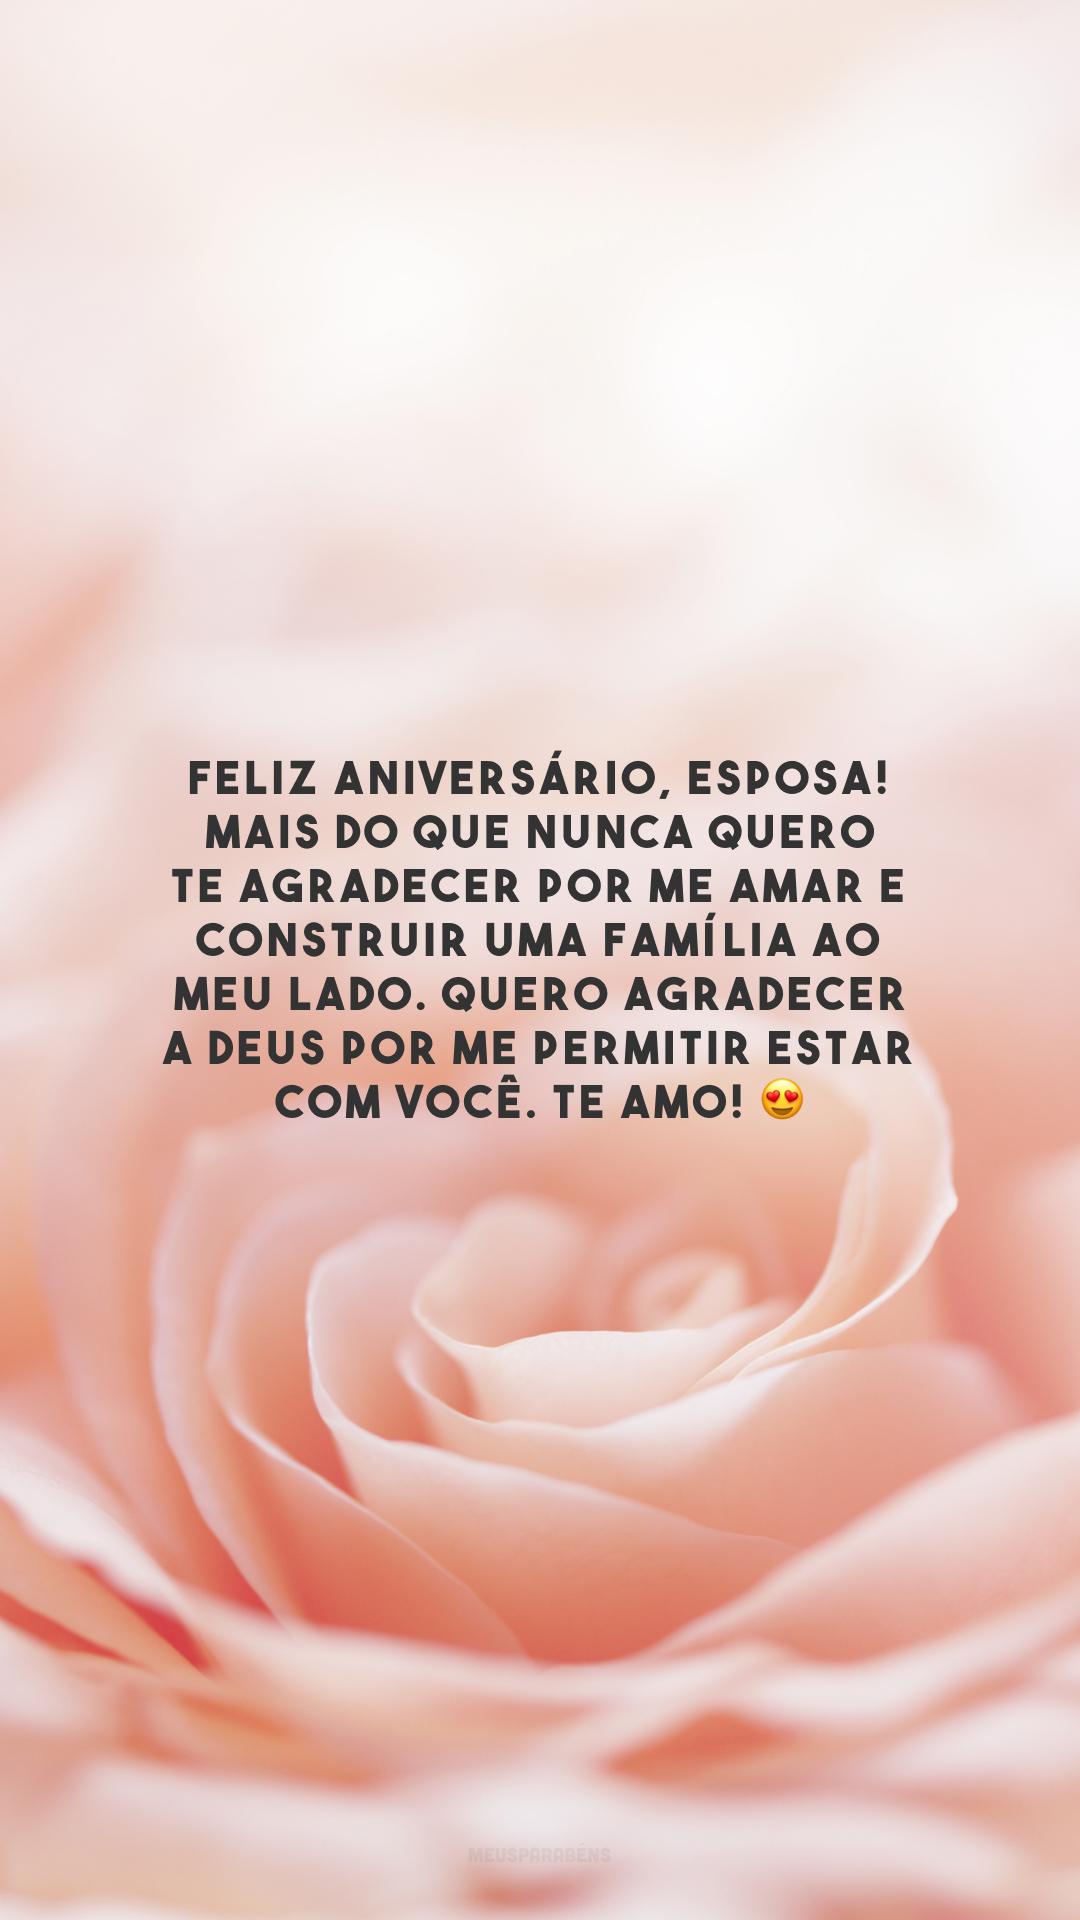 Feliz aniversário, esposa! Mais do que nunca quero te agradecer por me amar e construir uma família ao meu lado. Quero agradecer a Deus por me permitir estar com você. Te amo! 😍